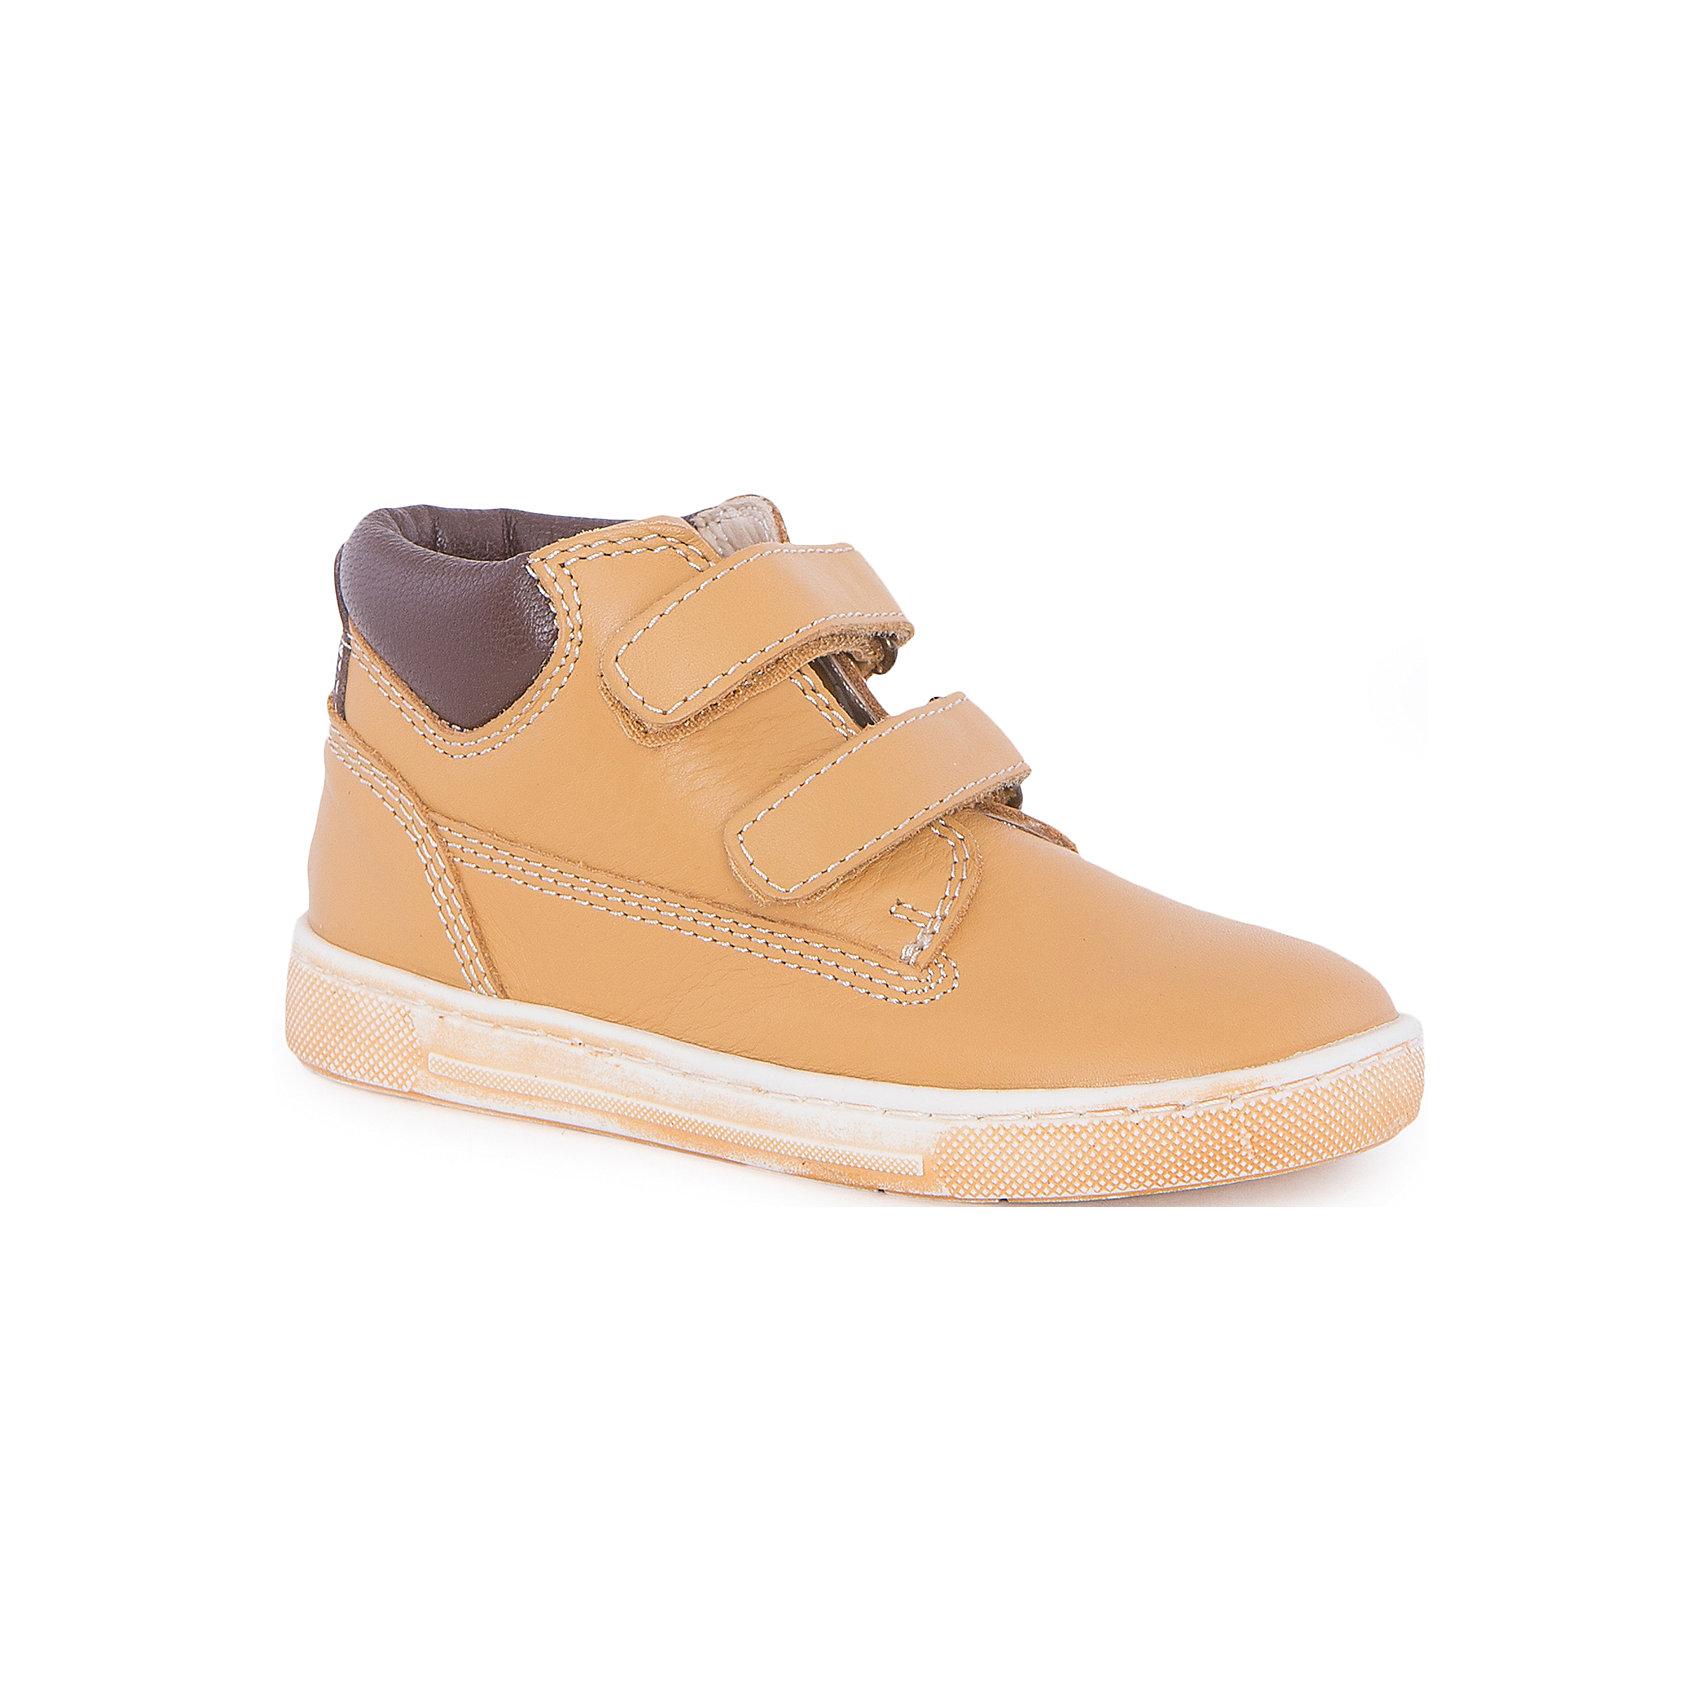 Полуботинки  для мальчика  CHICCOБотинки<br>Полуботинки для мальчика CHICCO<br><br>Характеристики:<br><br>Тип застежки: липучки, 2 шт.<br>Тип обуви: спортивные<br>Особенности обуви: кожаные<br>Декоративные элементы: контрастный задник<br>Цвет: желтый<br><br>Материал: 100% кожа<br><br>Полуботинки для мальчика CHICCO можно купить в нашем интернет-магазине.<br><br>Ширина мм: 262<br>Глубина мм: 176<br>Высота мм: 97<br>Вес г: 427<br>Цвет: желтый<br>Возраст от месяцев: 120<br>Возраст до месяцев: 132<br>Пол: Мужской<br>Возраст: Детский<br>Размер: 34,24,25,26,27,28,29,30,31,32,33<br>SKU: 5082871